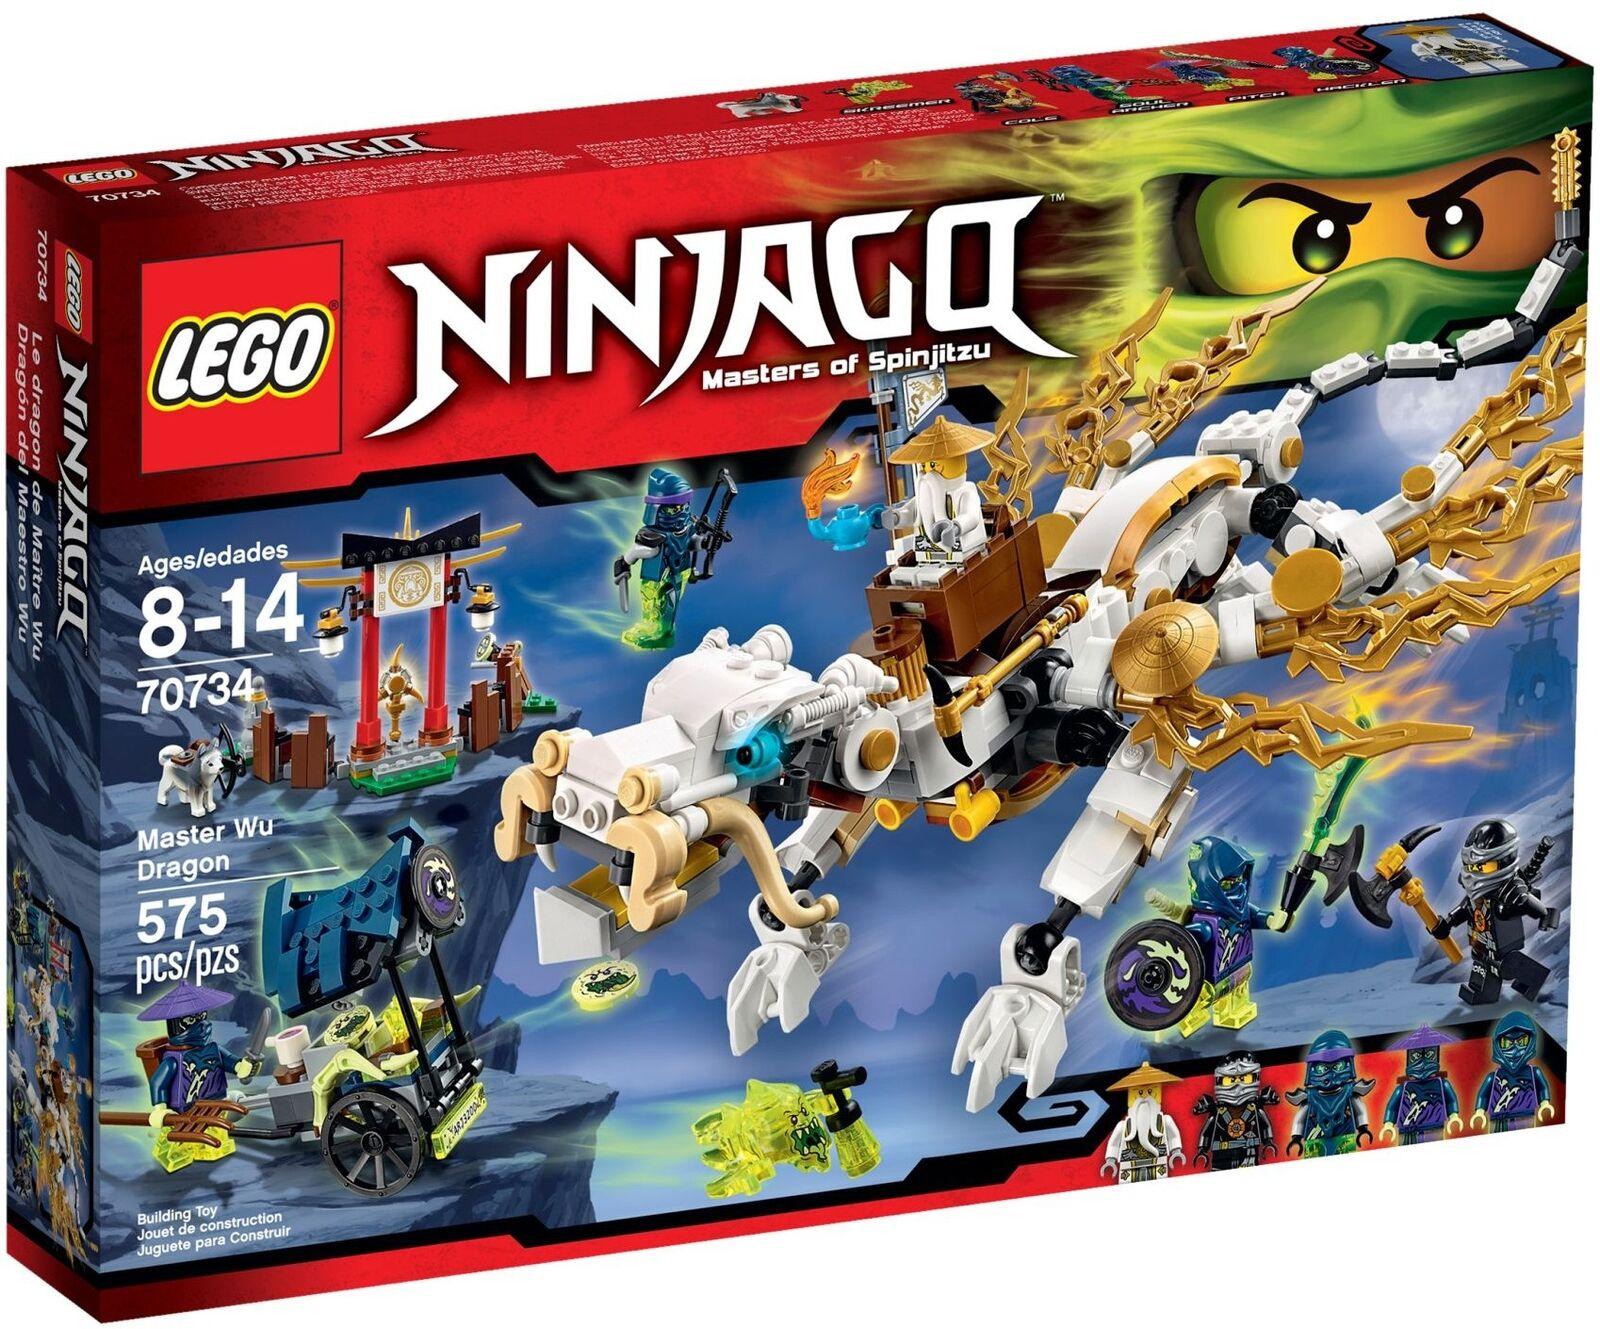 NEUF LEGO NINJAGO 70734 Master Wu Dragon Factory sealed retirouge